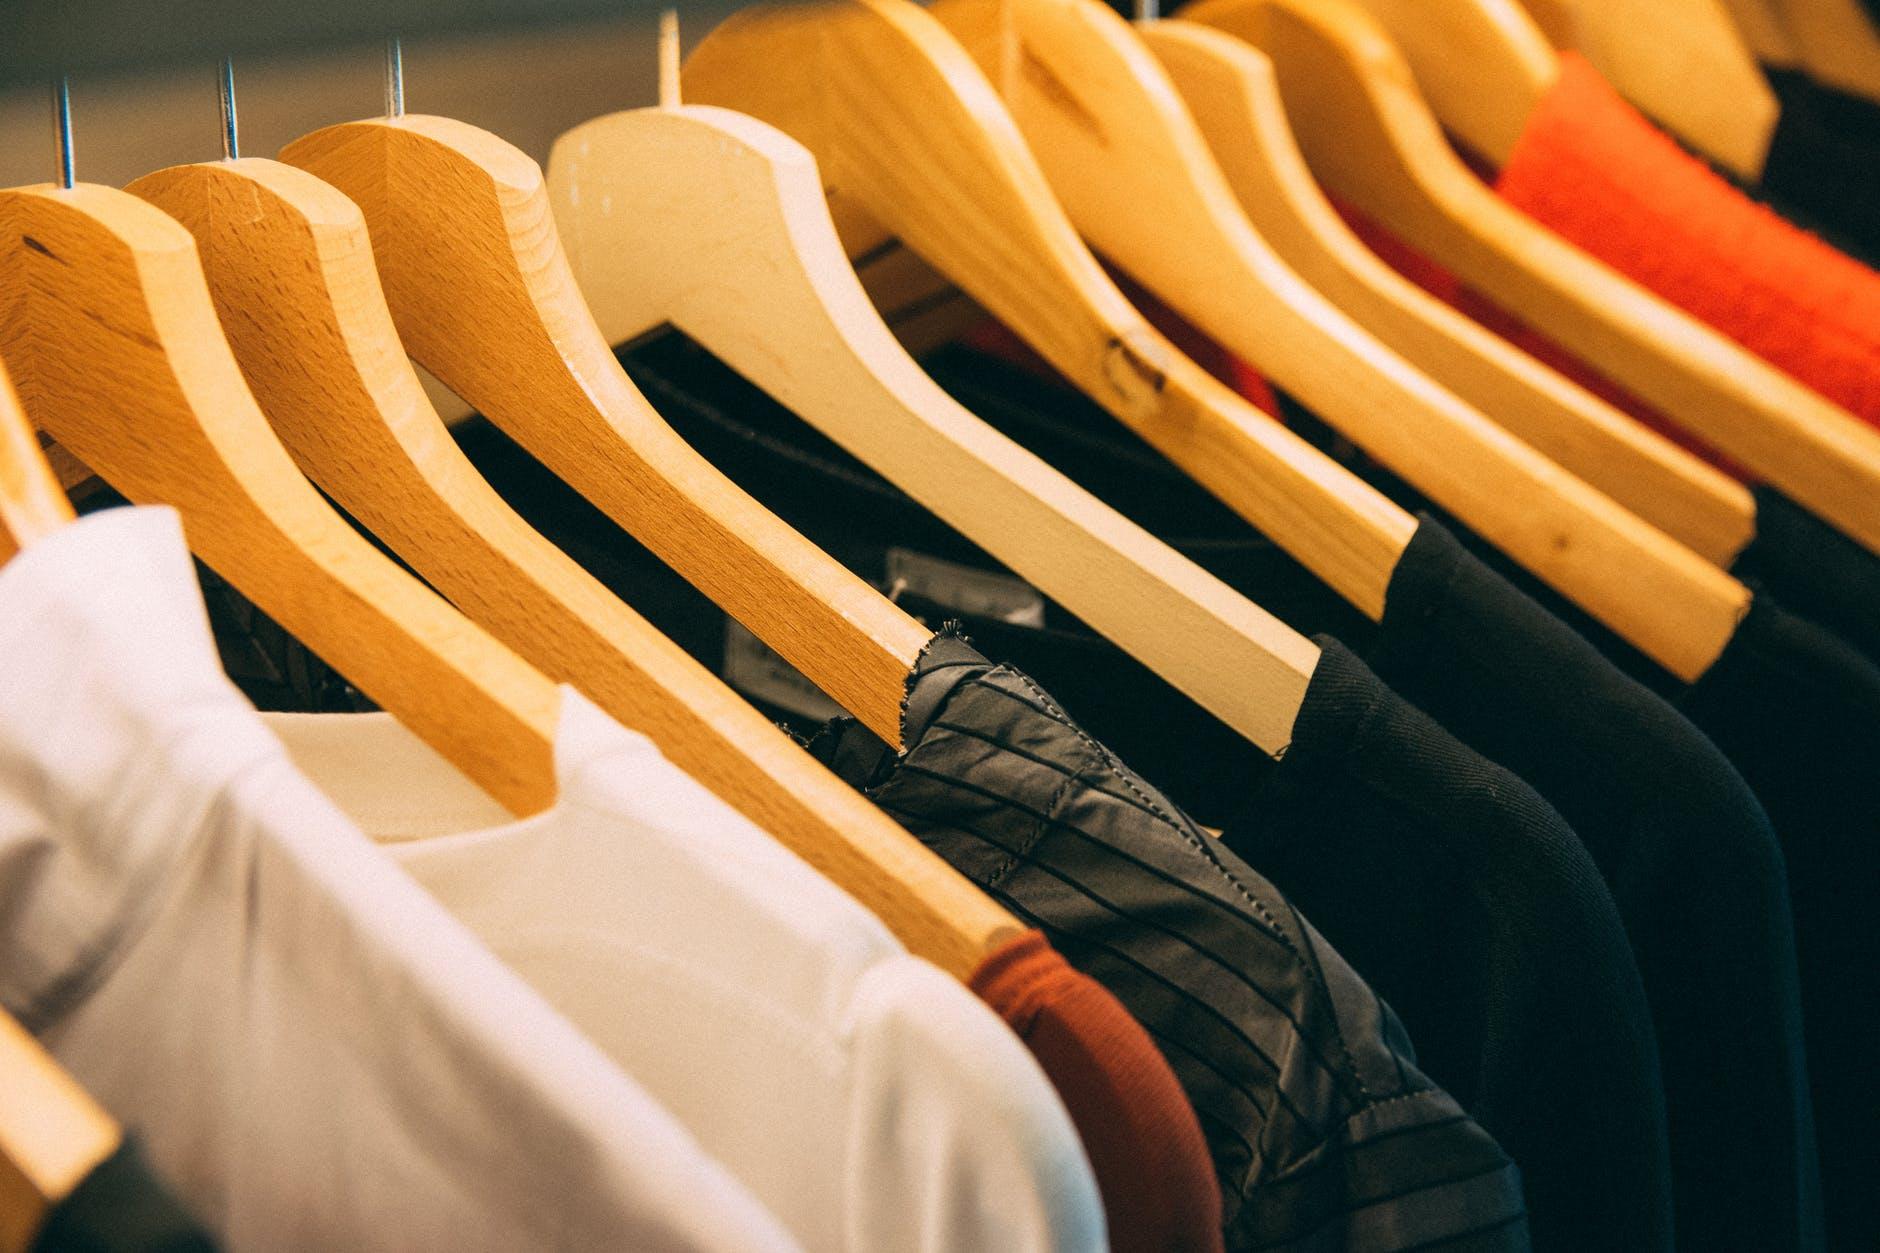 waar baseren we kledingkeuzes op